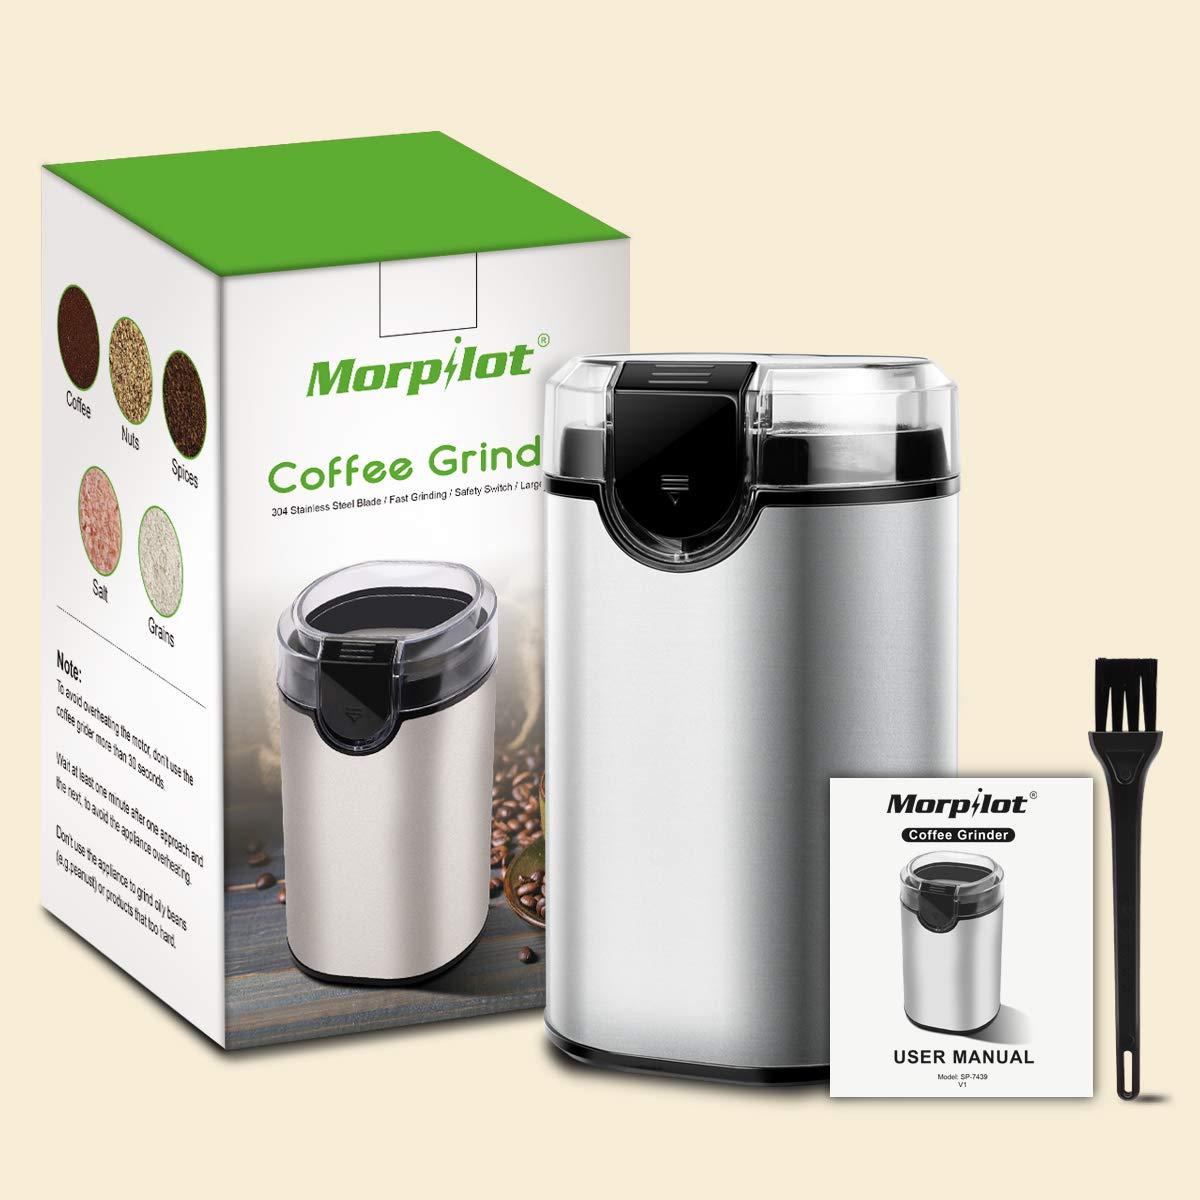 morpilot Molinillo Eléctrico de Café Semillas Especias Granos, Potencia de 150W, Capacidad de 70g, Duradero Acero Inoxidable, Libre de BPA, Incluye un Cepillo de Limpieza